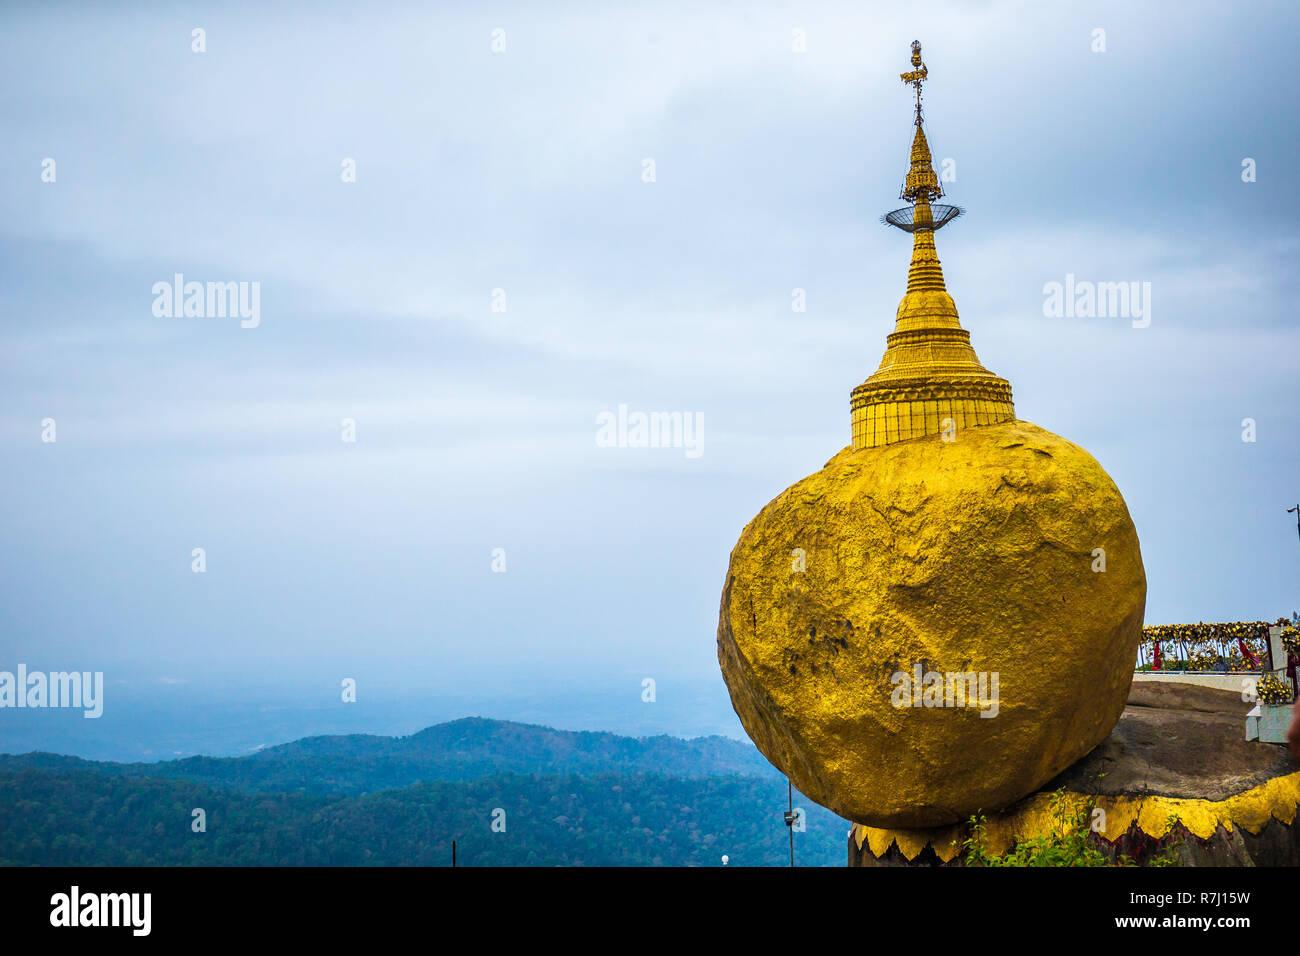 88f2fd7fe4ee Burma Golden Rock In Immagini   Burma Golden Rock In Fotos Stock - Alamy